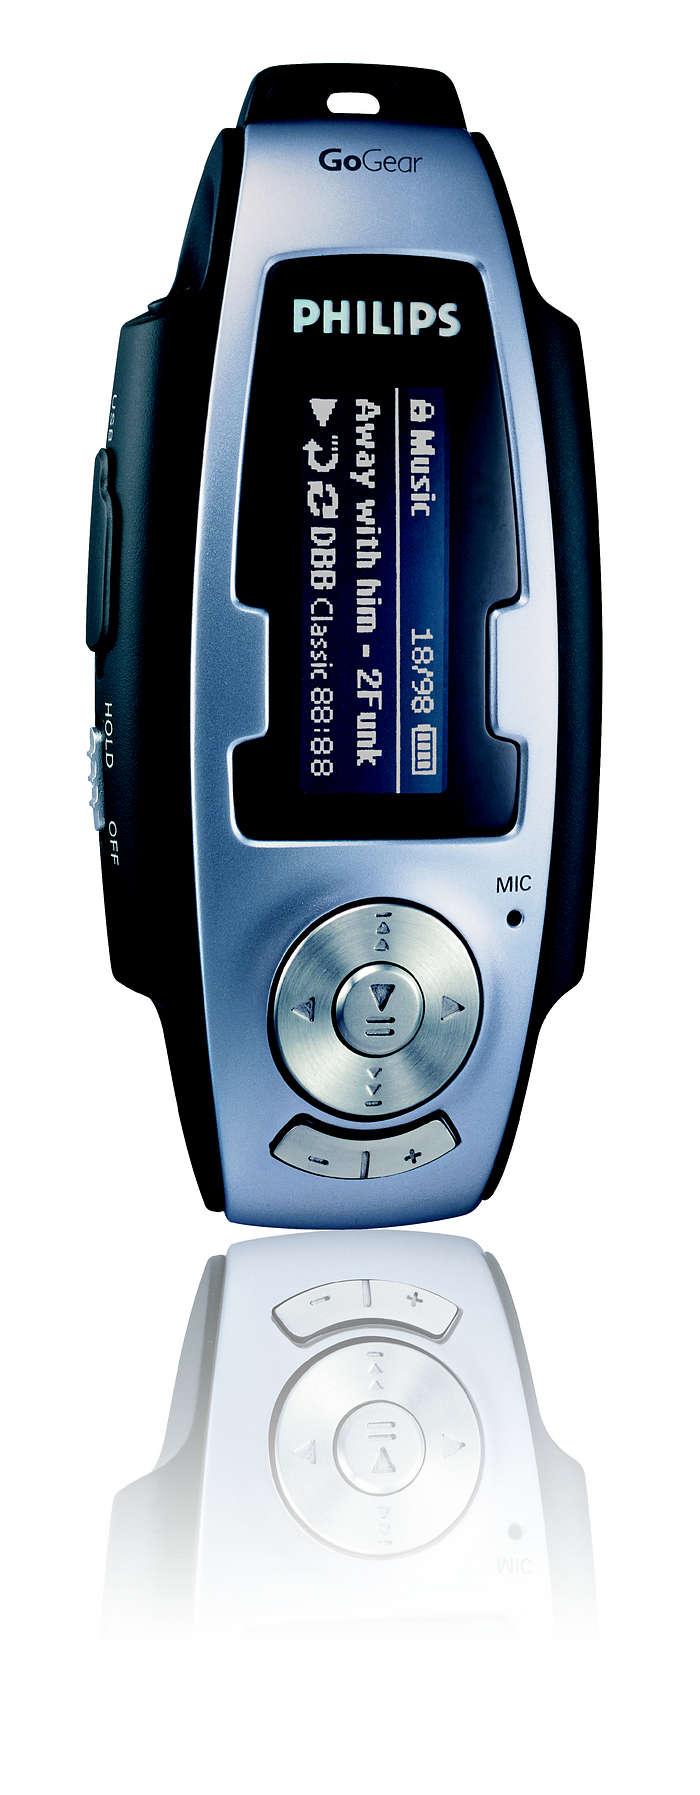 Compatibile con MP3 e WMA